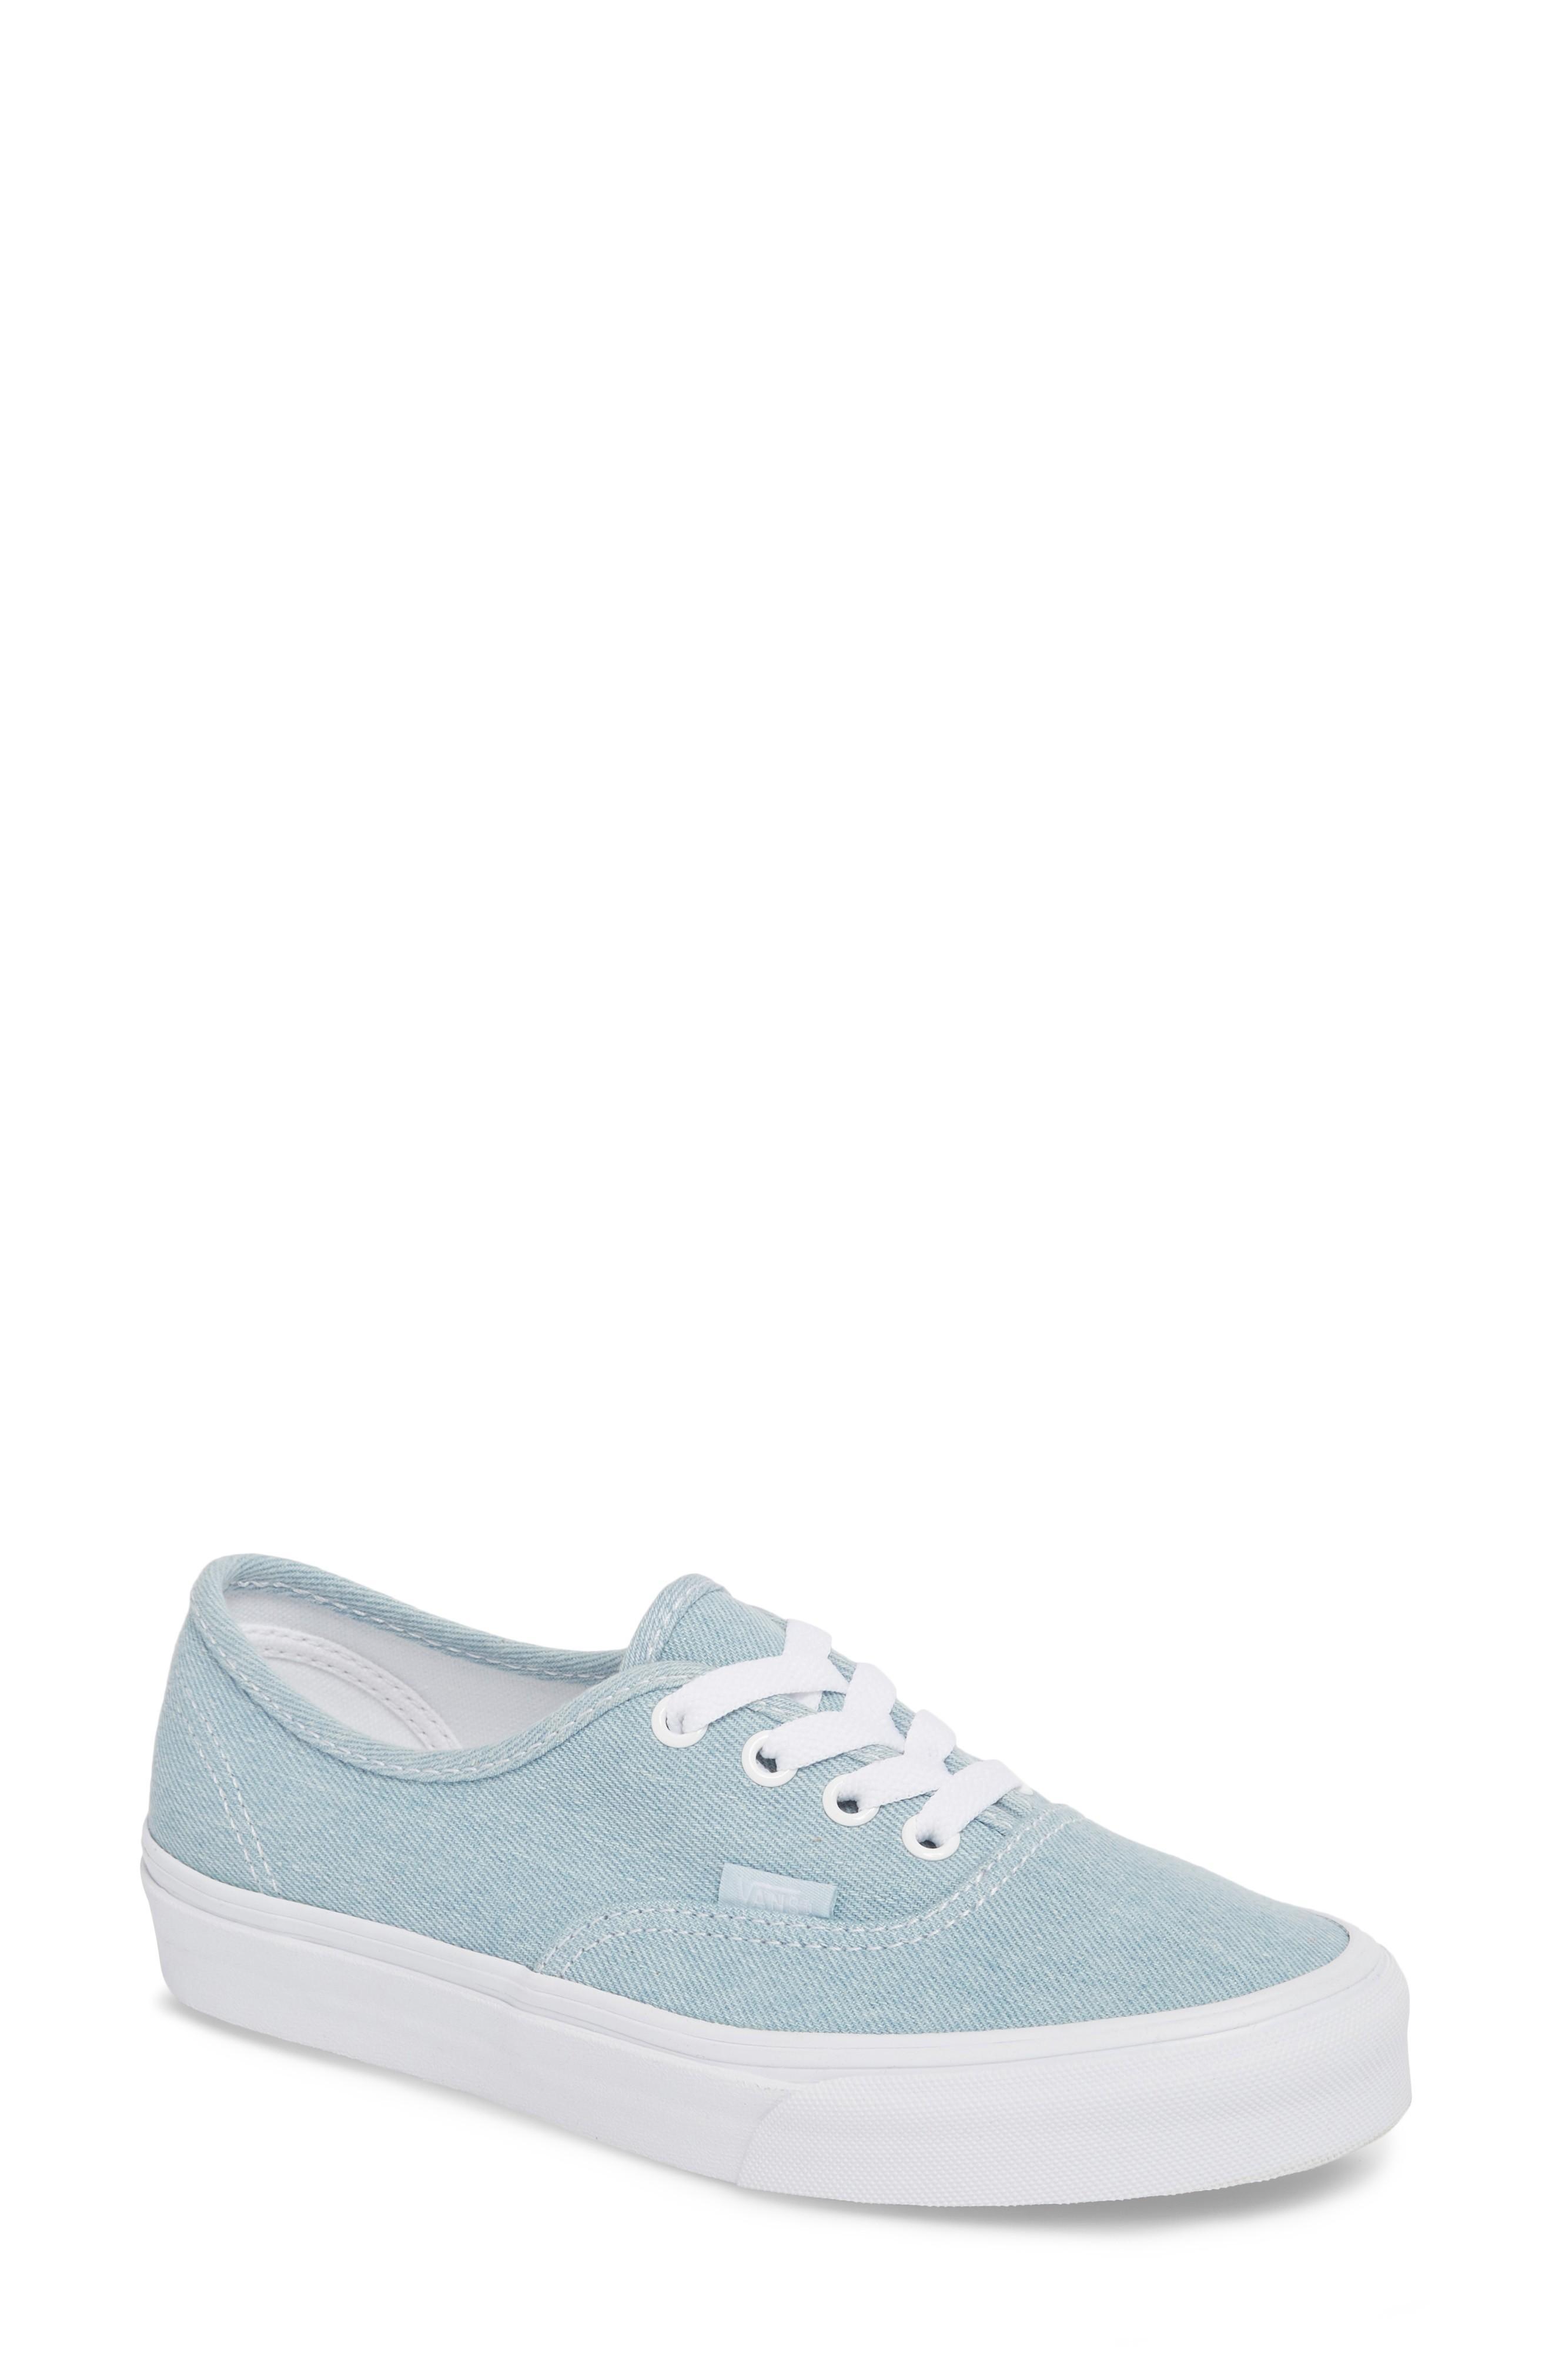 Vans 'authentic' Sneaker In Denim Baby Blue